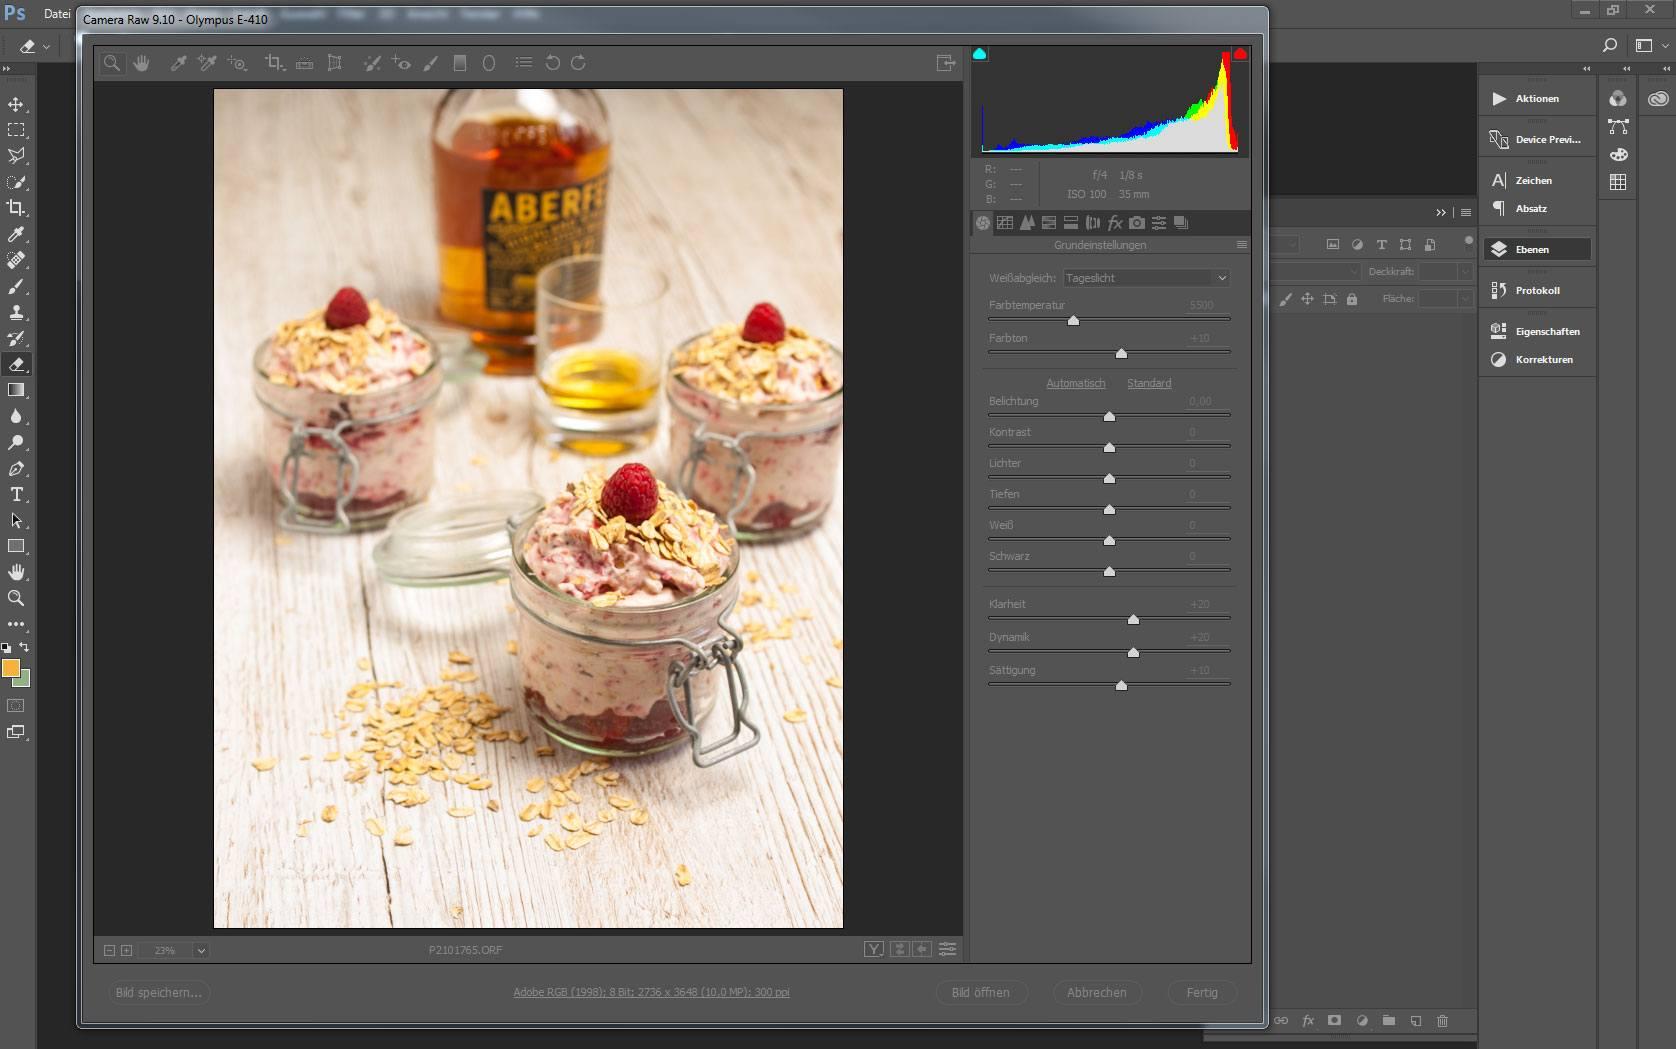 Anzeige eines Bild im Adobe Camera Raw-Modul - bearbeitet mit den Einstellungen Weißabgleich (Tageslicht) - Klarheit (+20) - Dynamik (+20) - Sättigung (+10)